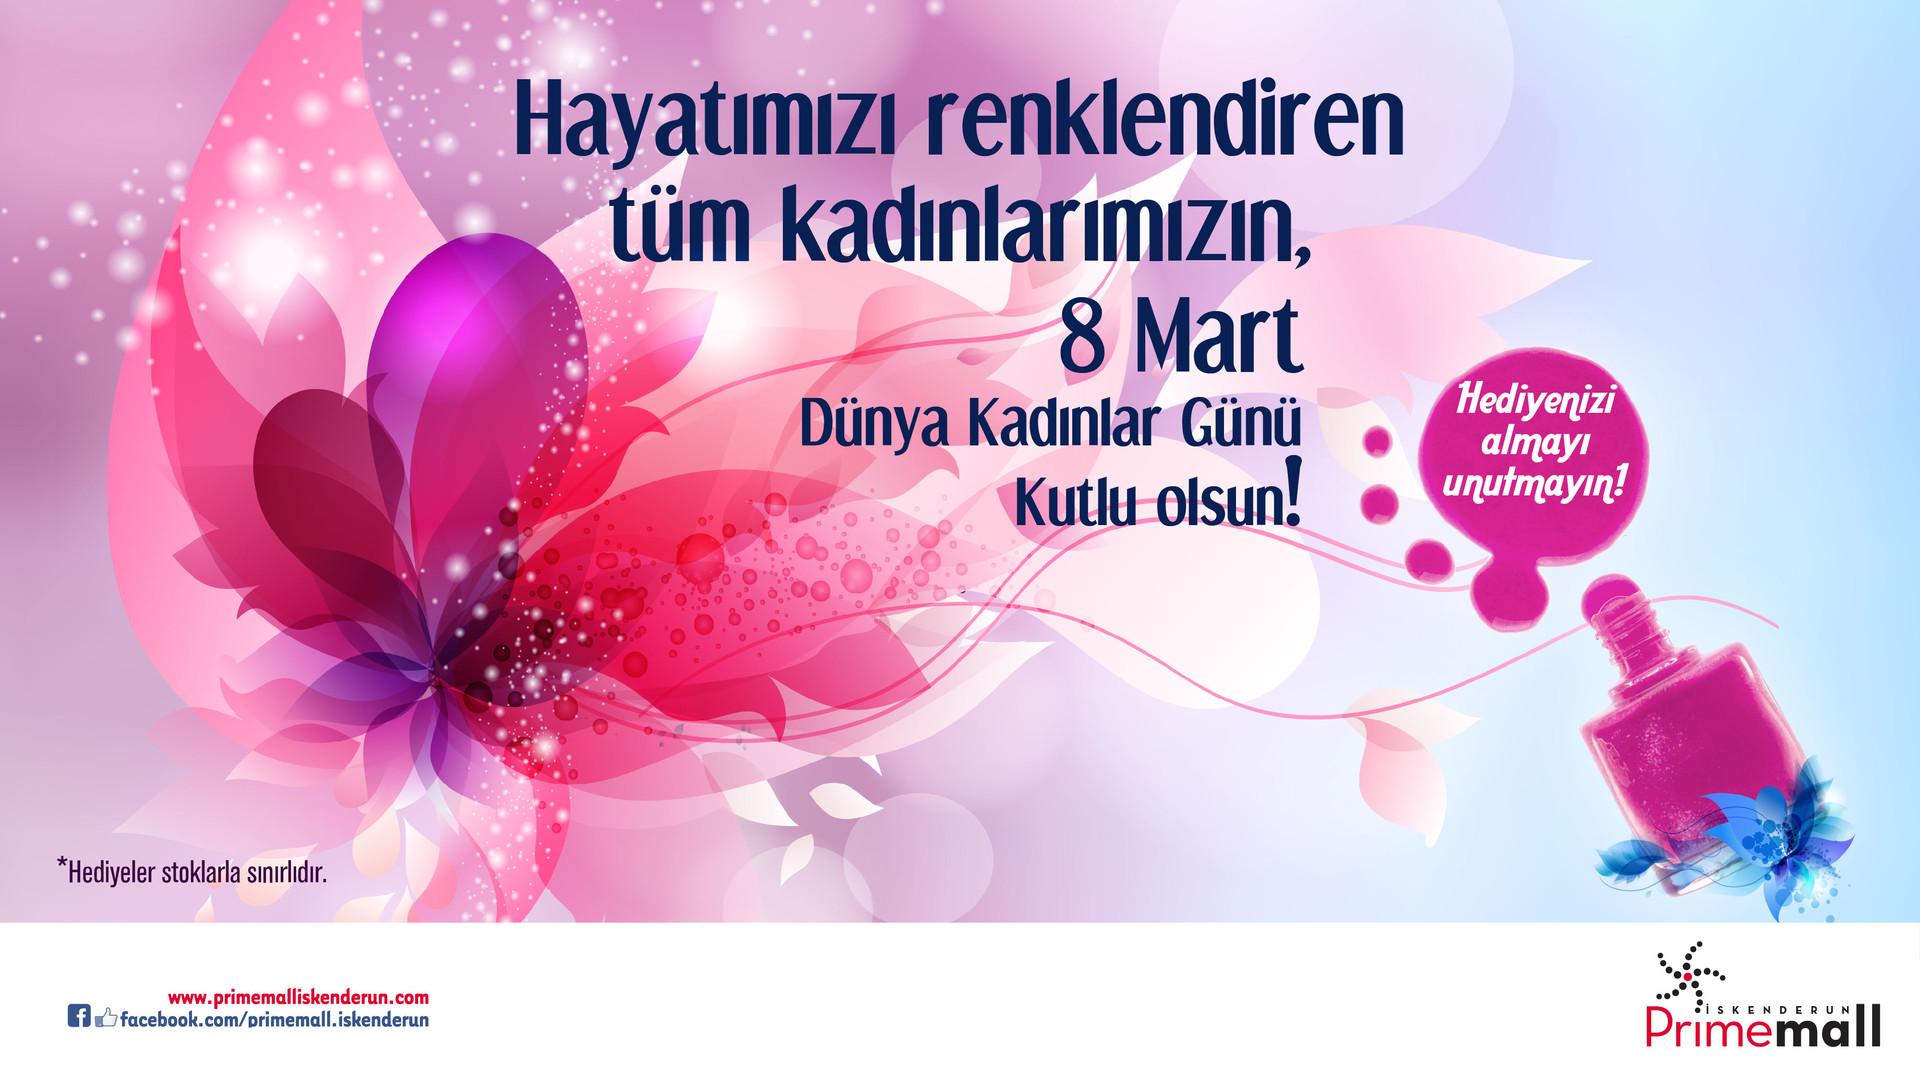 Hayatımızı Renklendiren Tüm Kadınlarımızın, 8 Mart Dünya Kadınlar Günü Kutlu Olsun